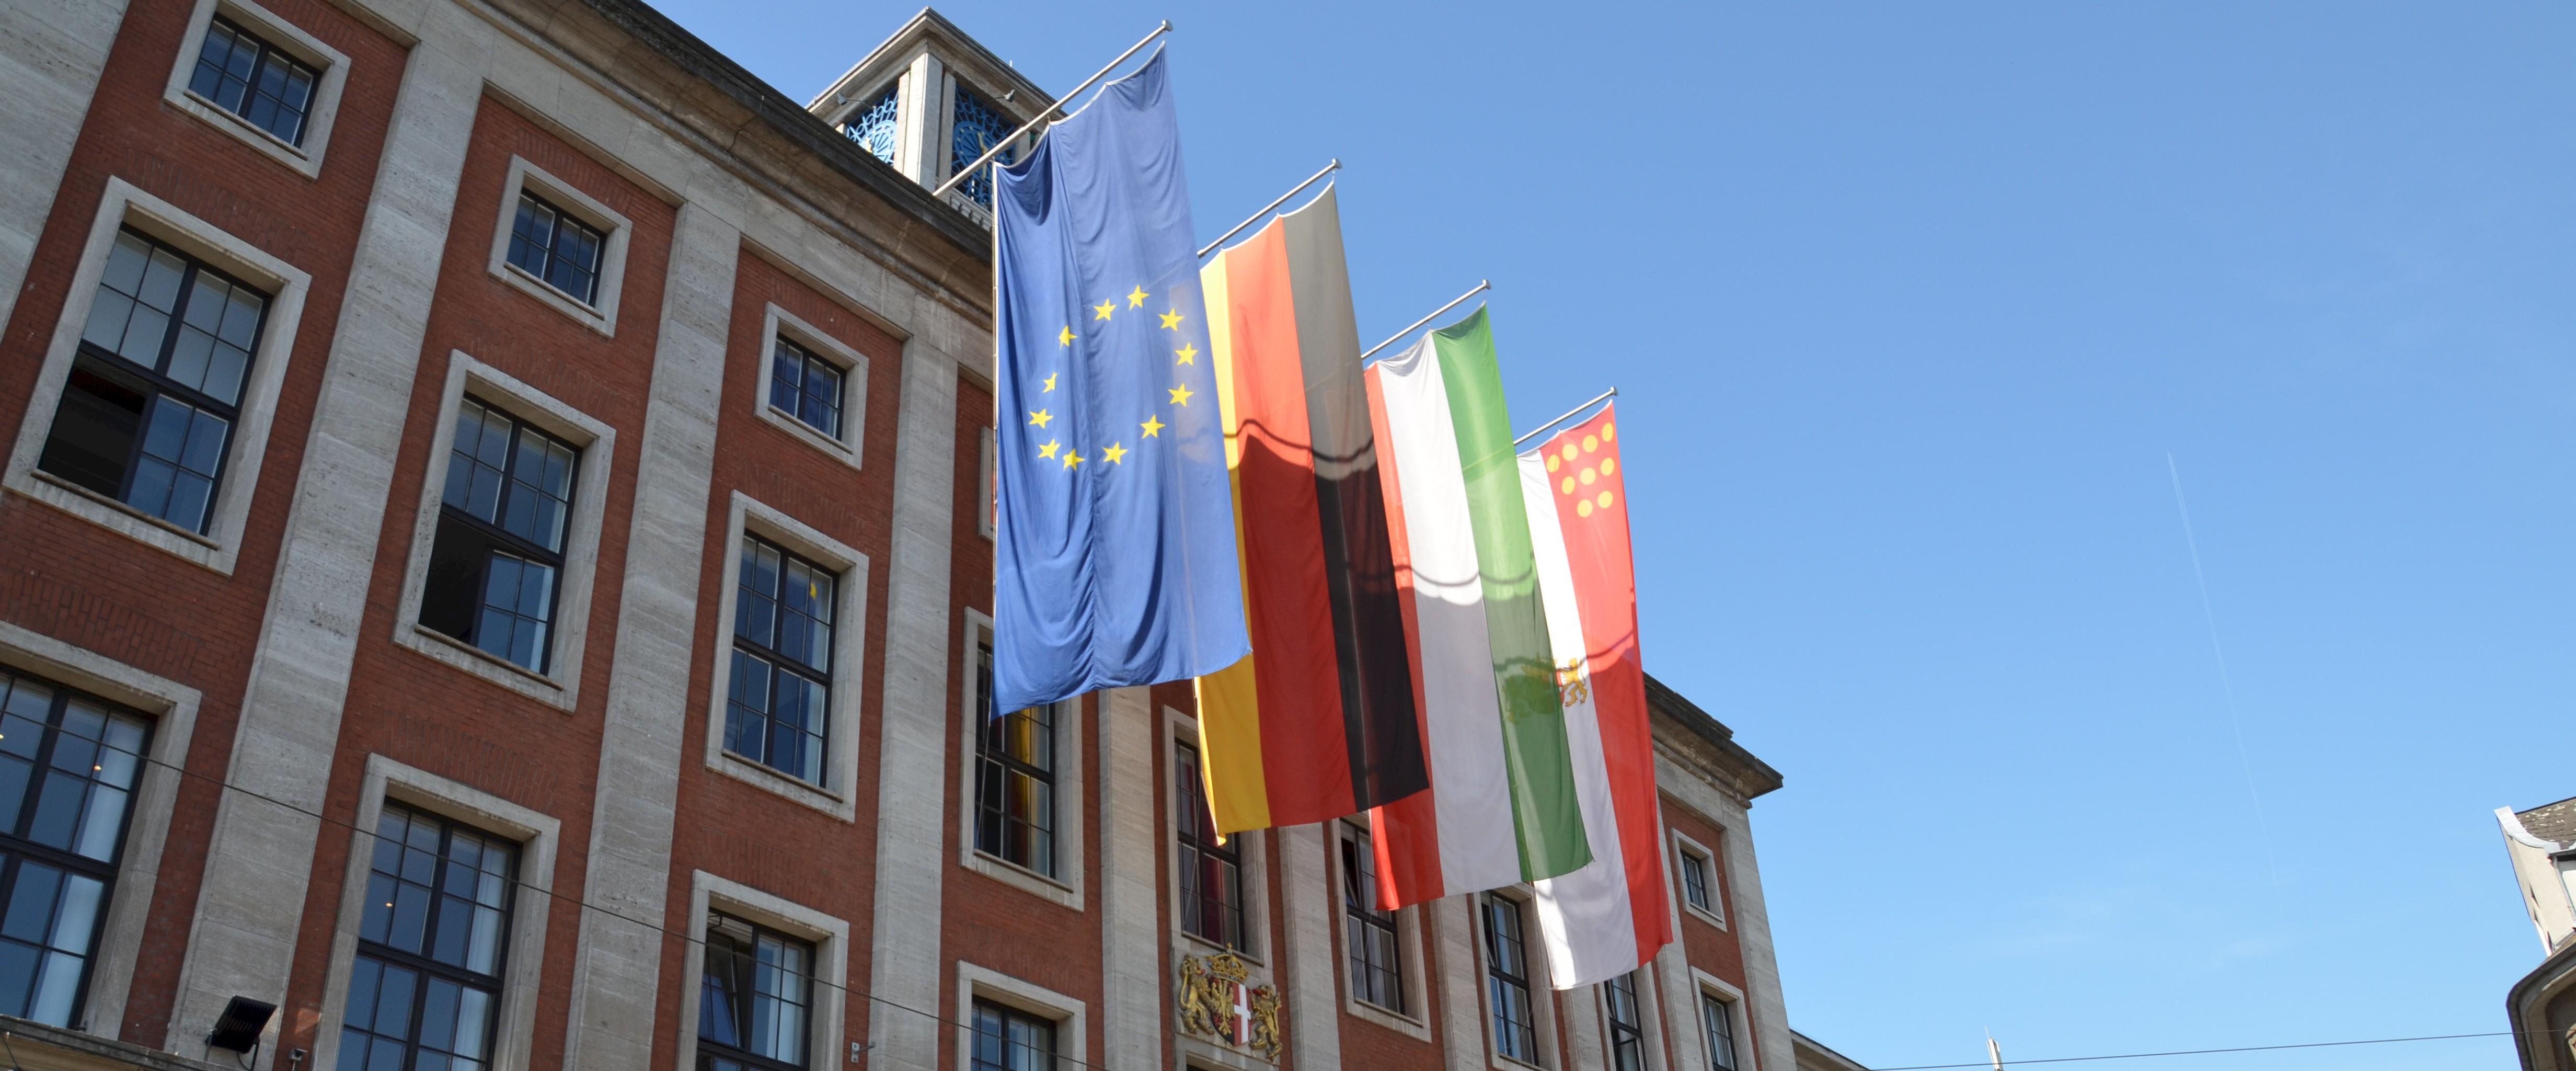 Einladung: Öffentliche Diskussion des CDU-Wahlprogrammes